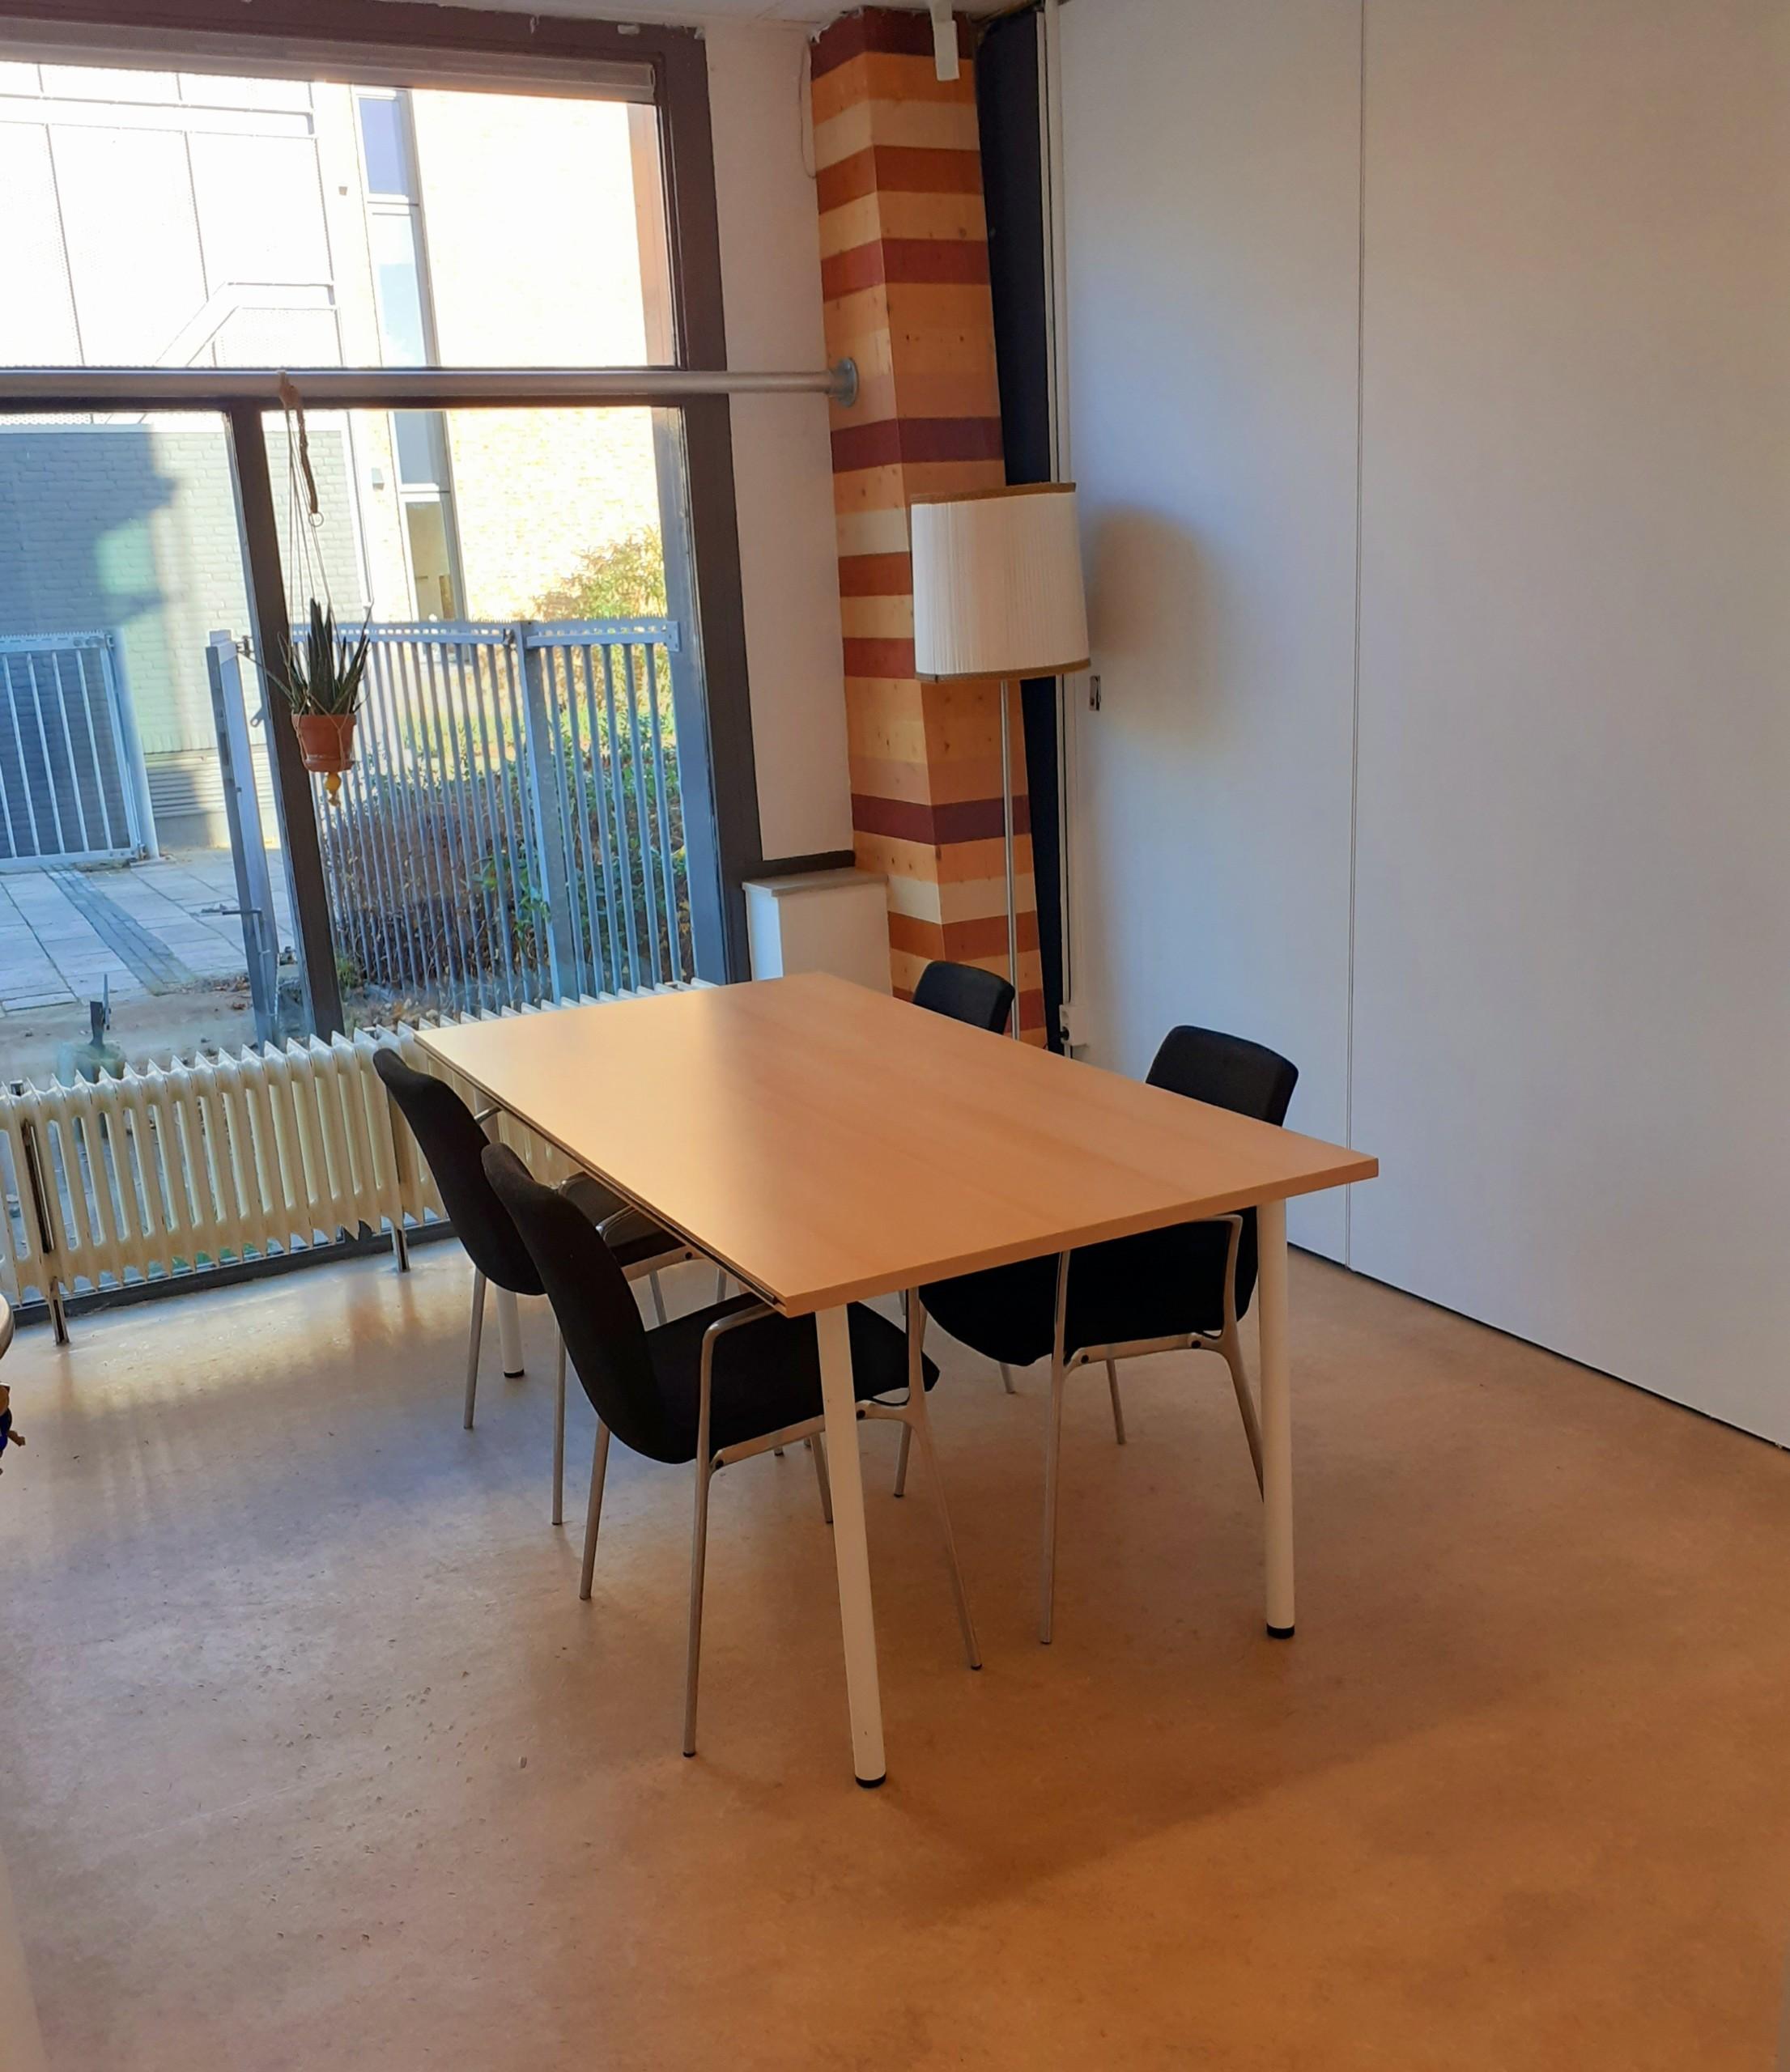 Vergaderruimte huren bij Co Zwolle